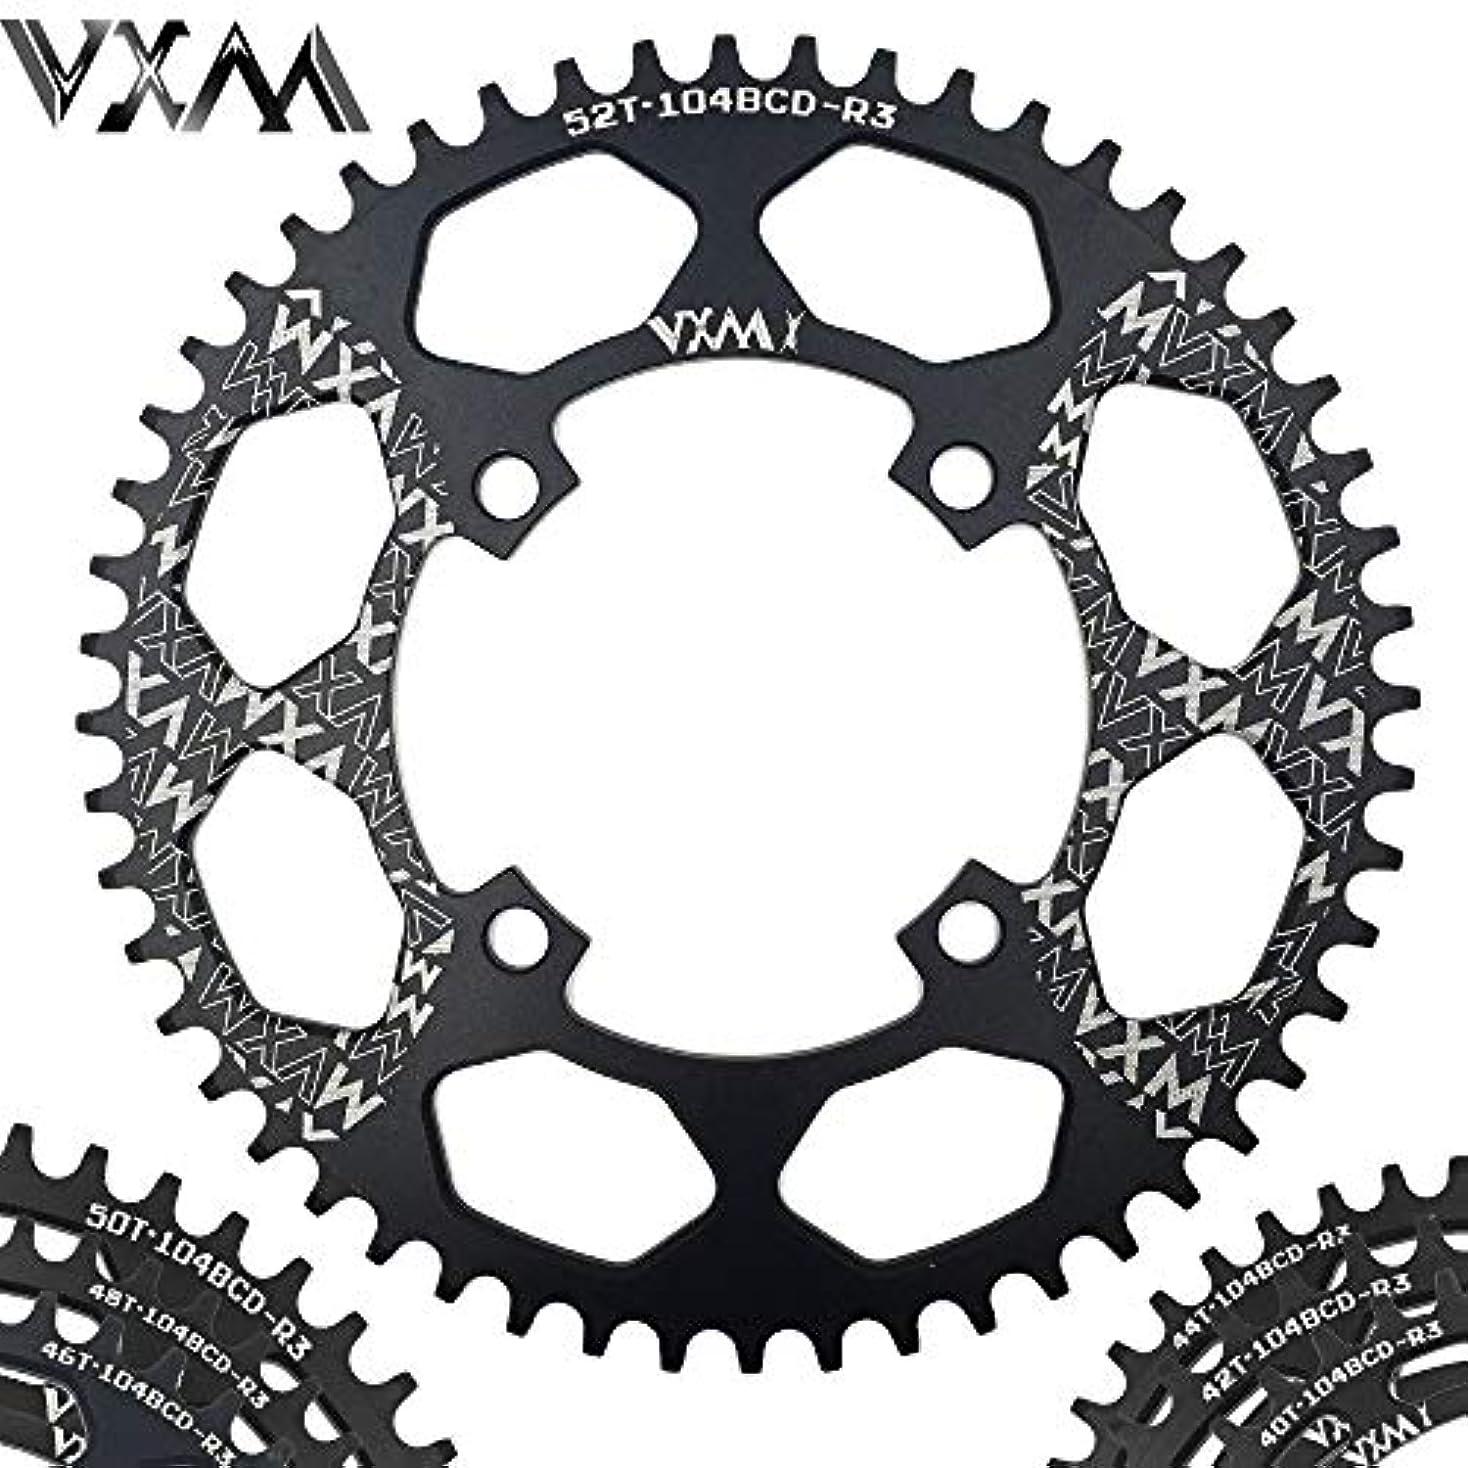 歩道皮肉な留め金Propenary - Bicycle Aluminum Chainring 104BCD 40T 42T 44T 46T 48T 50T 52T Mountain Bicycle Chainwheel Bike Crankset Bicycle Parts [ 104BCD 48T ]